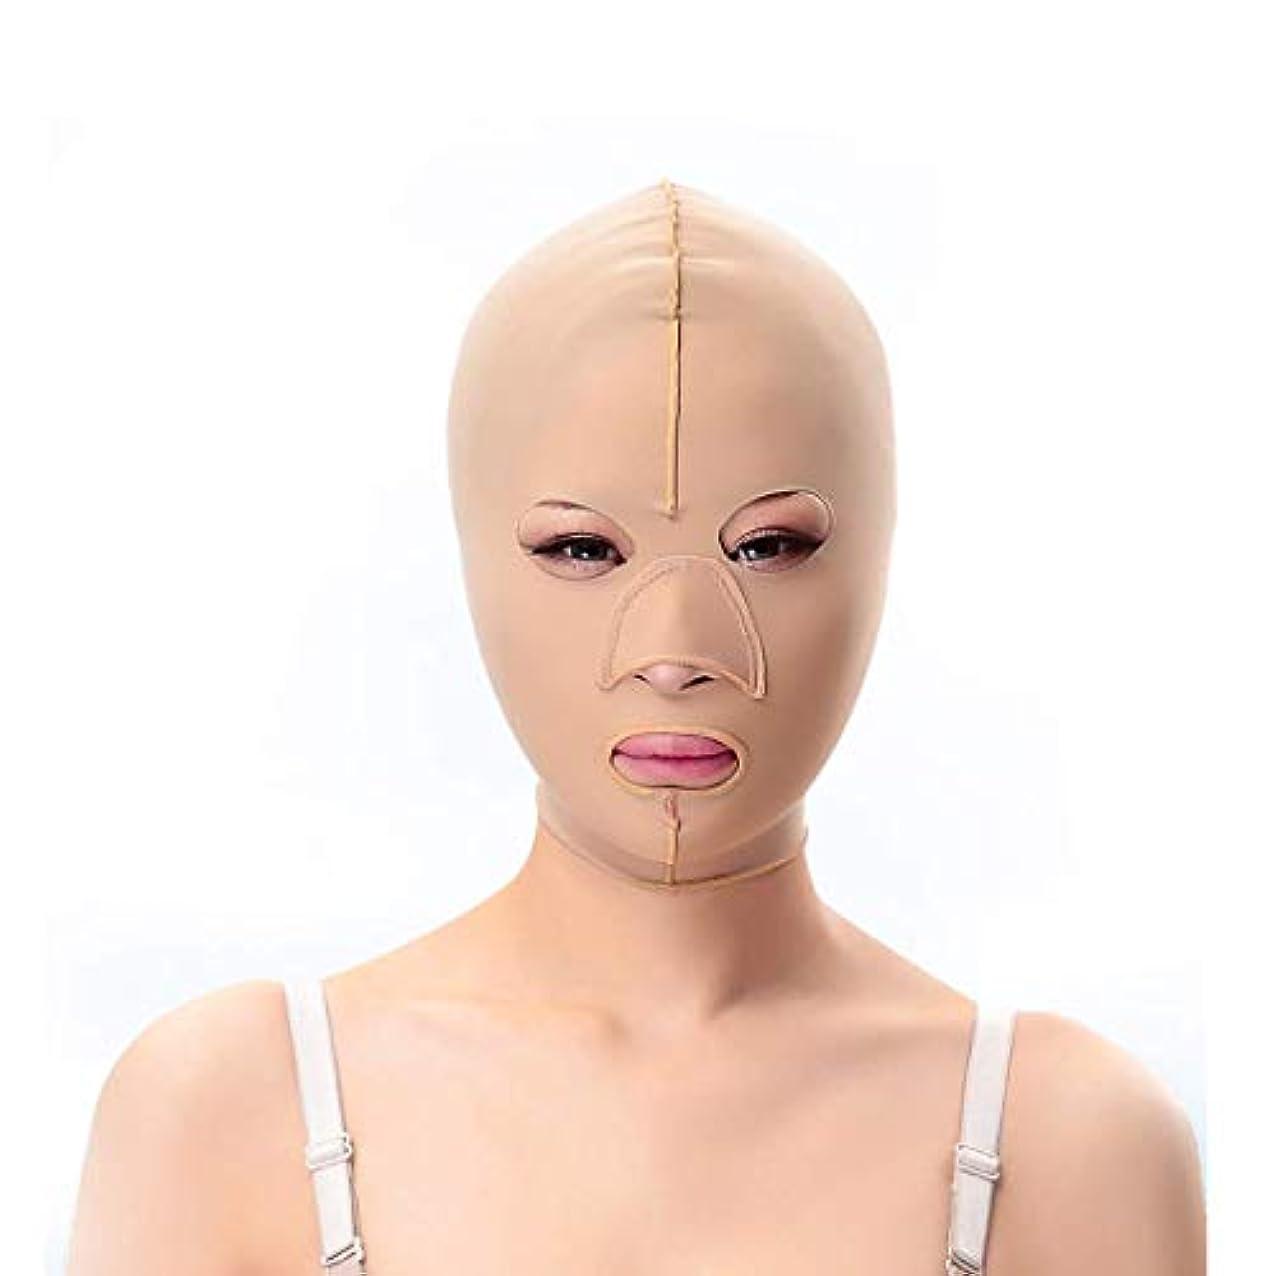 迷路驚正確スリミングベルト、二重あごの引き締め顔のプラスチックフェイスアーティファクト強力なフェイス包帯を脇に持ち上げるパターンを欺くためのフェイシャルマスクシンフェイスマスク(サイズ:L),ザ?